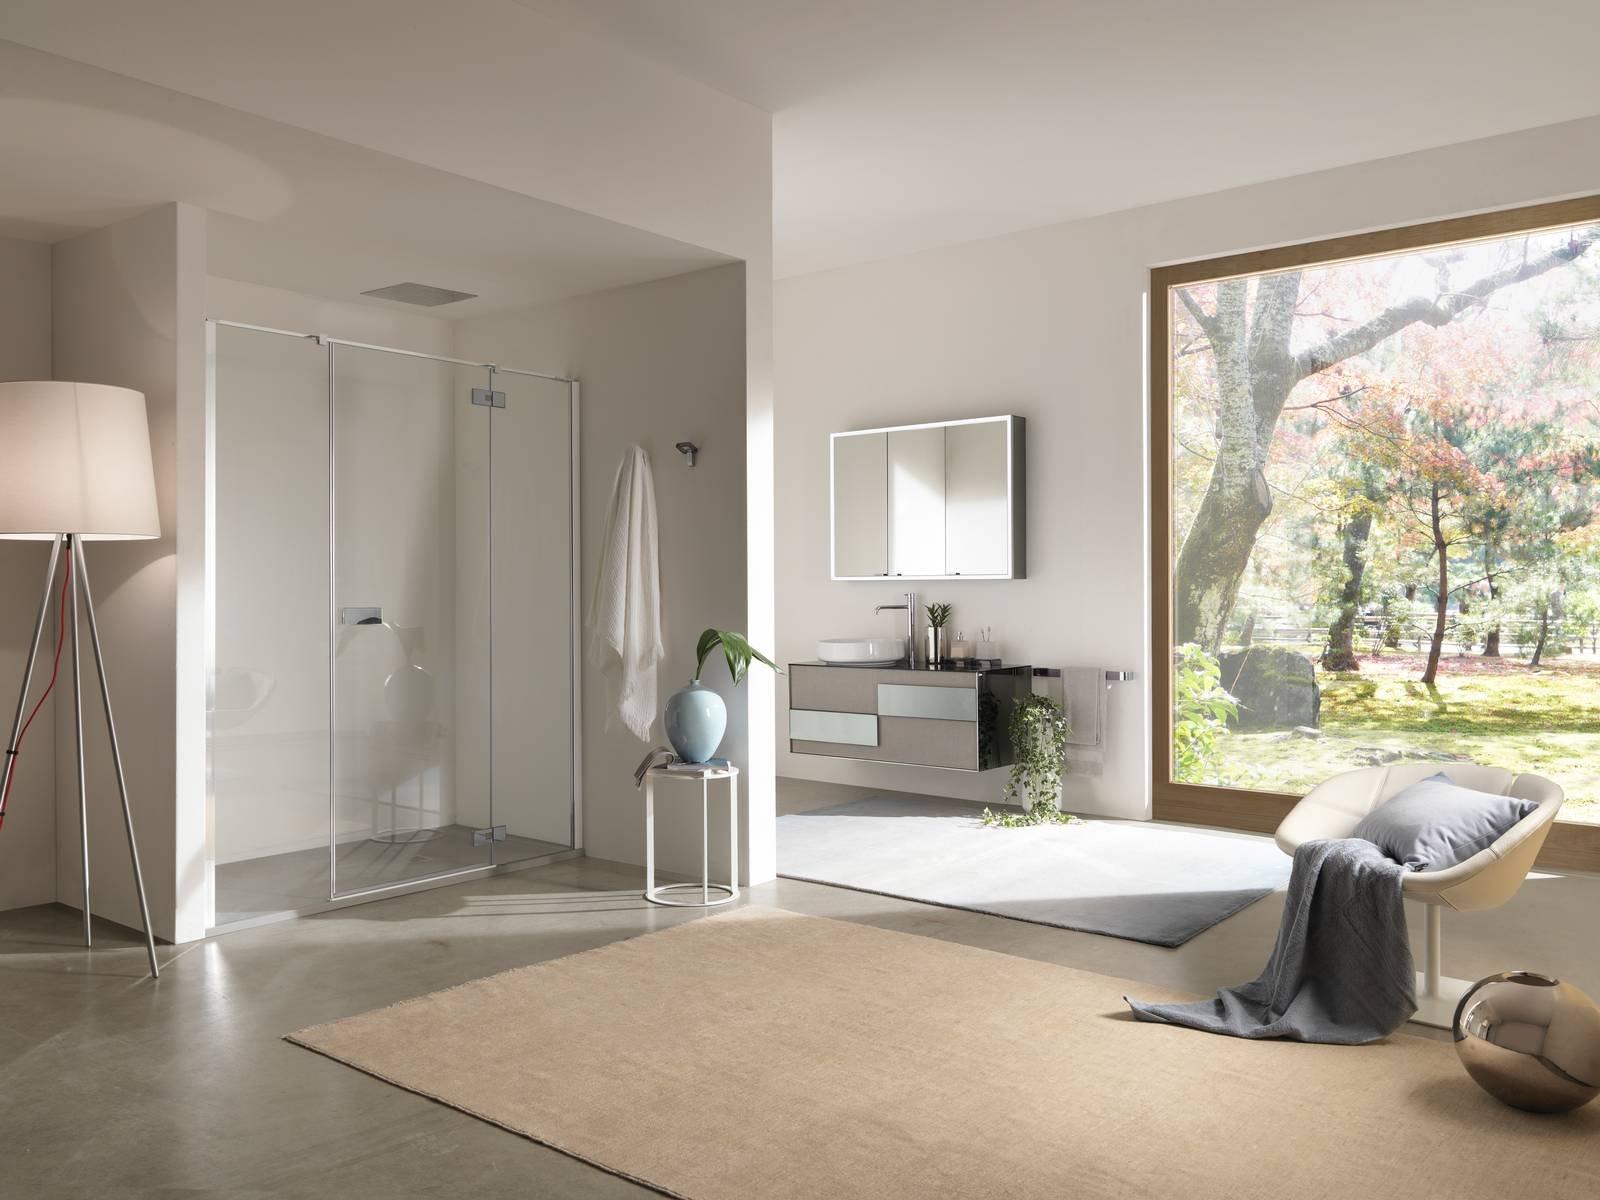 Living style per il tuo bagno: scopri Azure di Inda - Cose di Casa